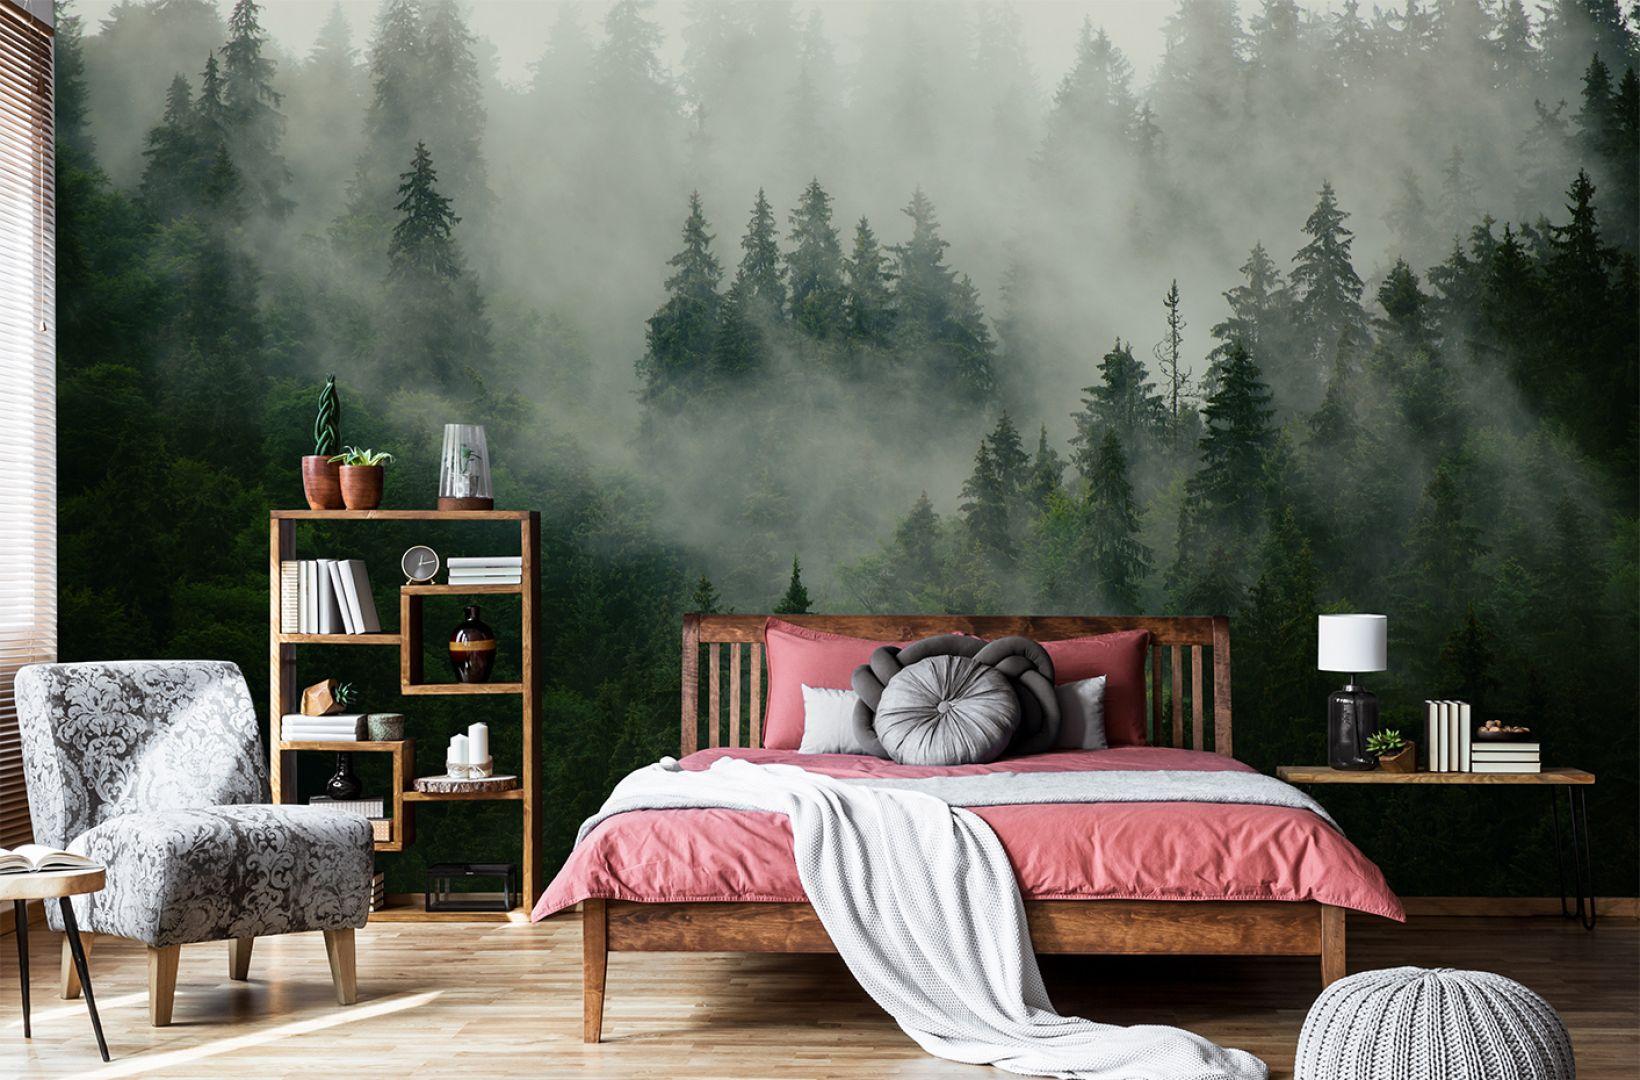 Ściana w salonie. Pomysł 3. Las we mgle - popularny motyw na ścianę do salonu i sypialni. Na zdjęciu tapeta dostępna w sklepie Myloviev.pl